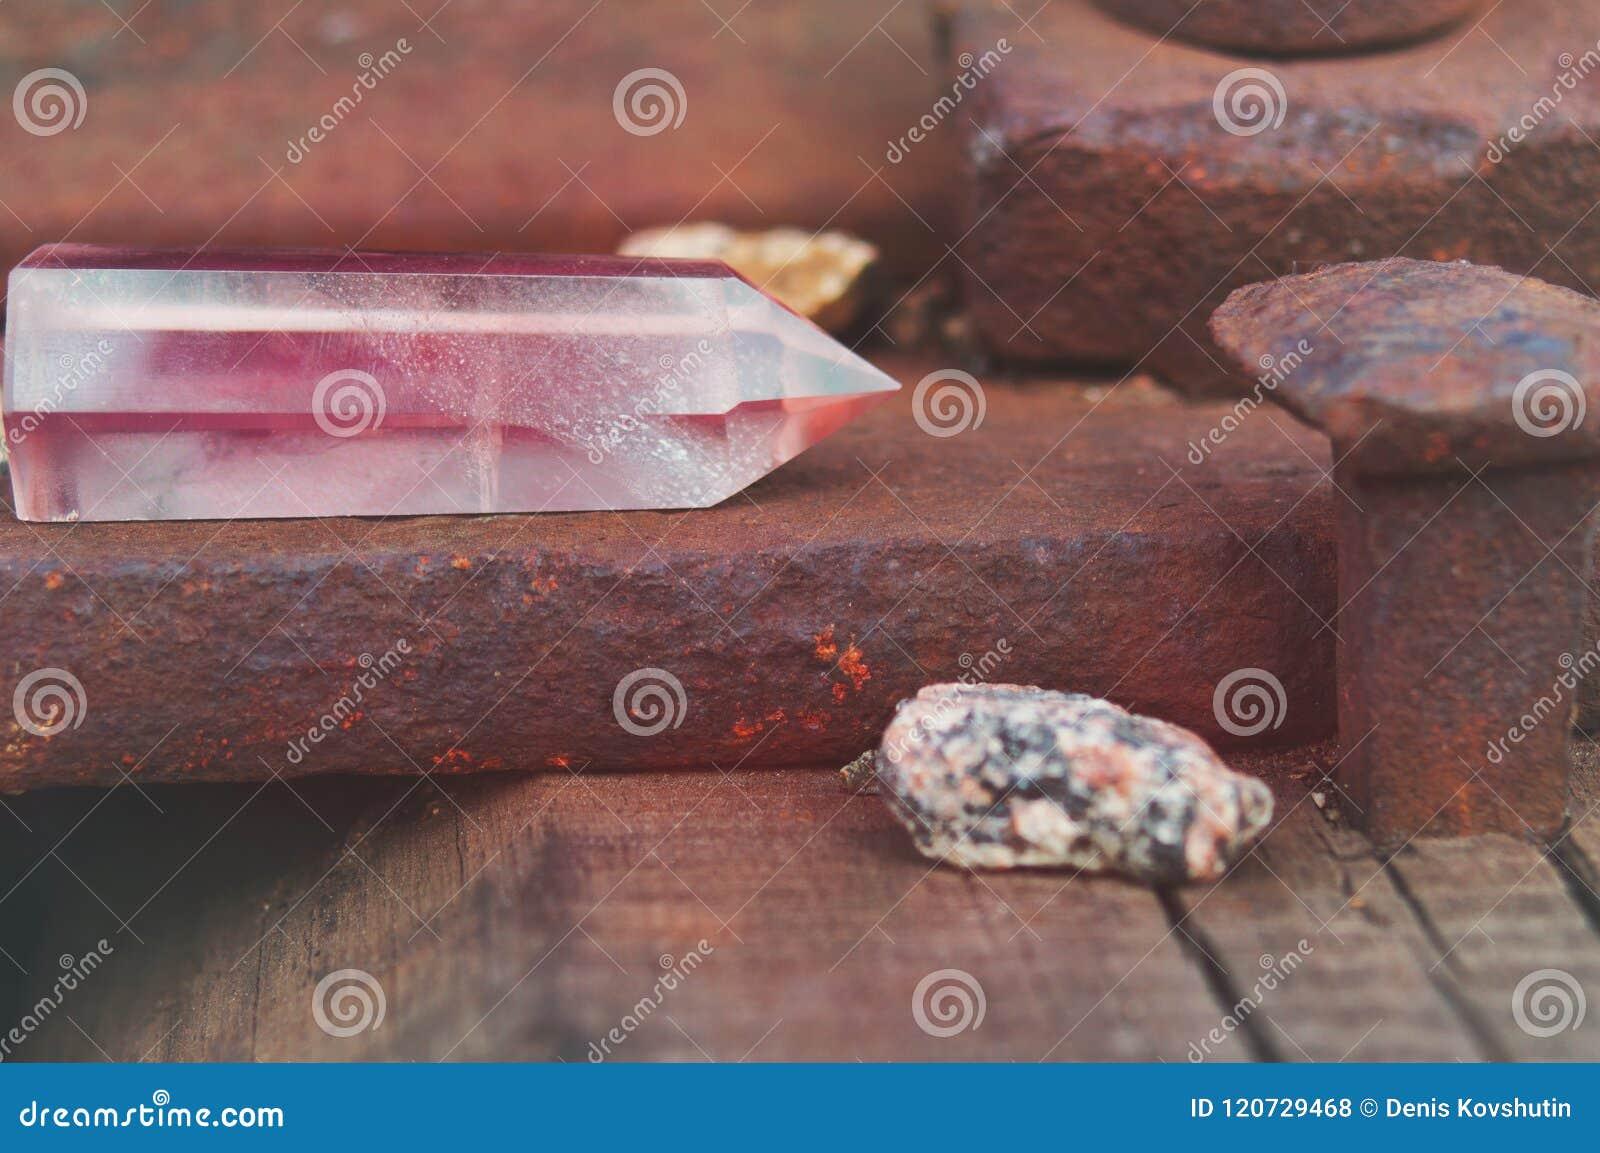 Wielki przejrzysty mistyczny faceted kryształ barwiony różowy ametyst, chalcedon na poręcze na przemysłowym tła zakończeniu